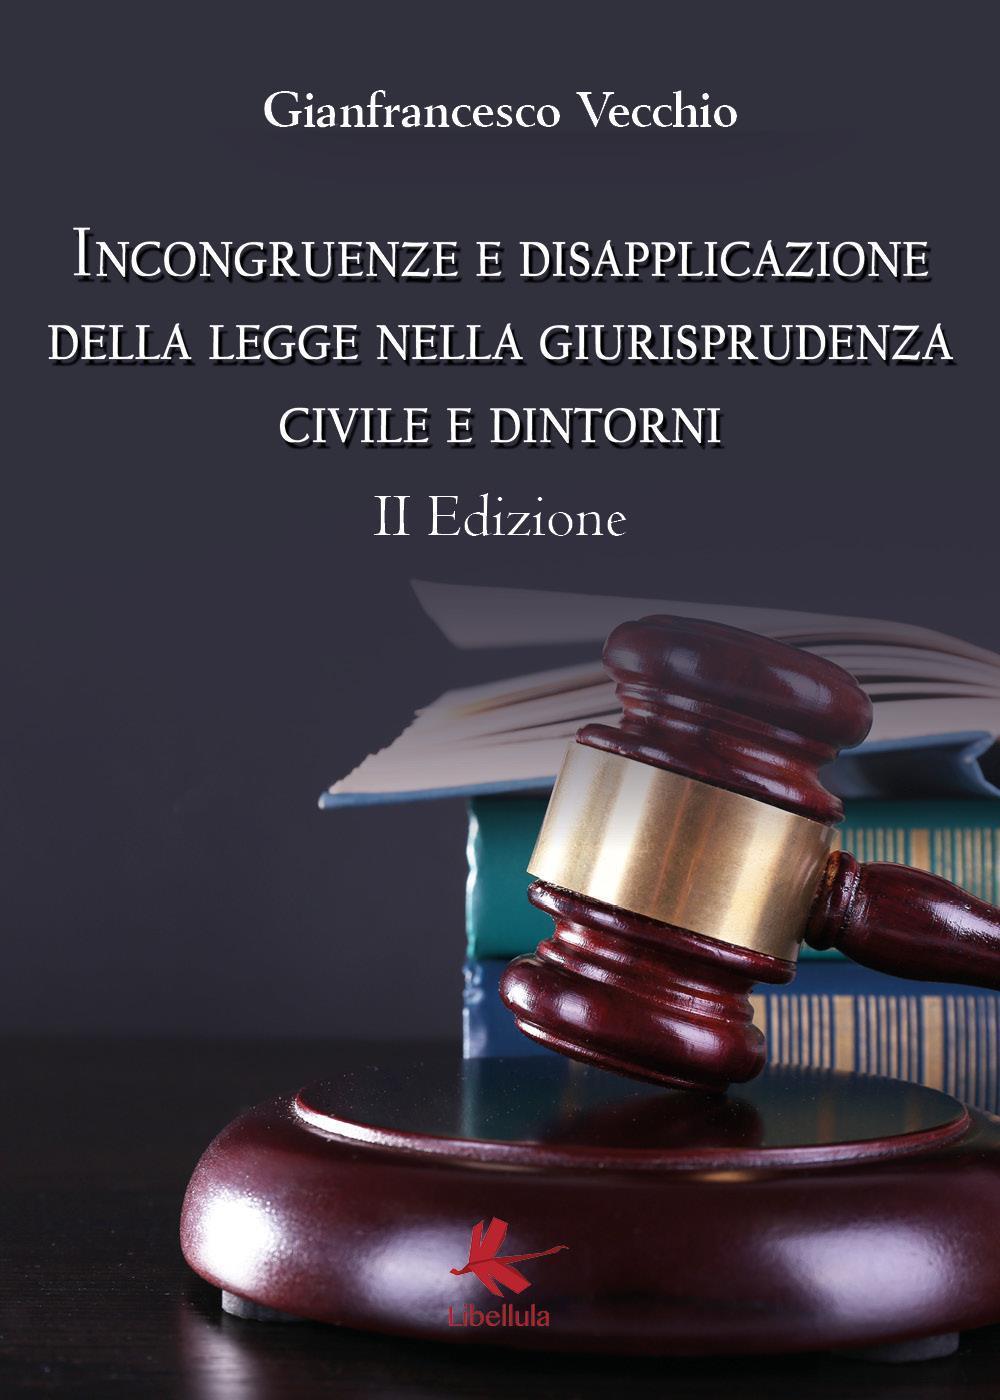 Incongurenze e disapplicazione della legge nella giurisprudenza civile e dintorni. II Edizione